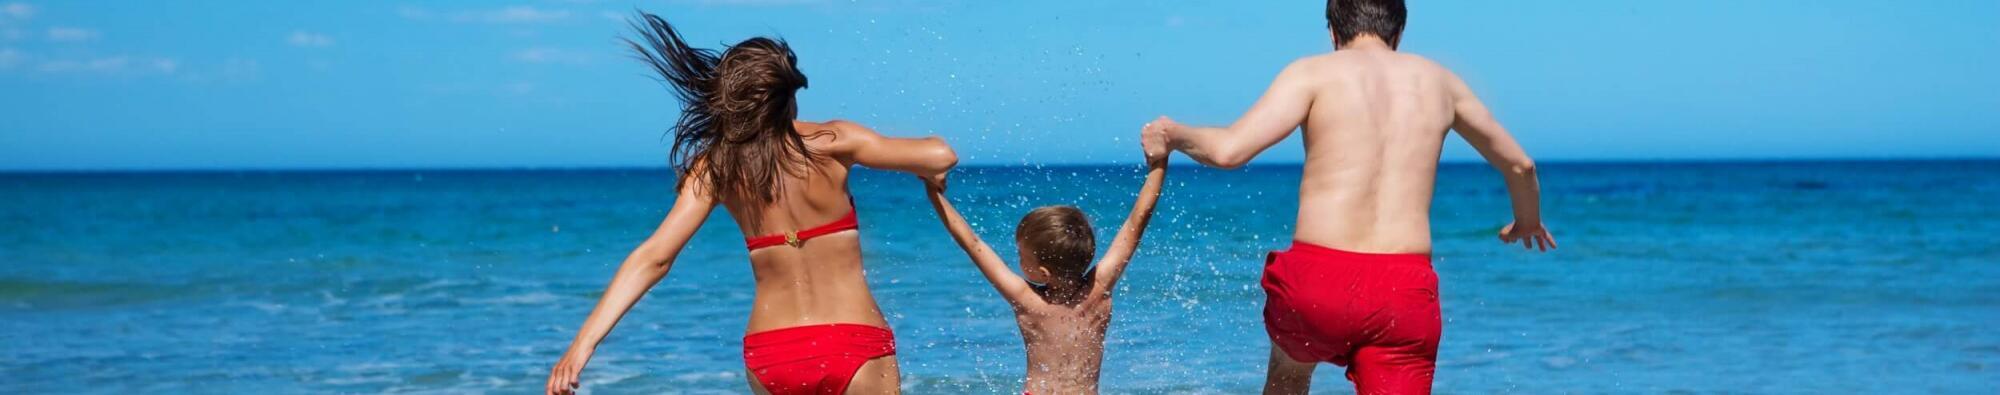 Offerta TUTTO INCLUSO: a inizio Agosto scegli una vacanza Full Optional!